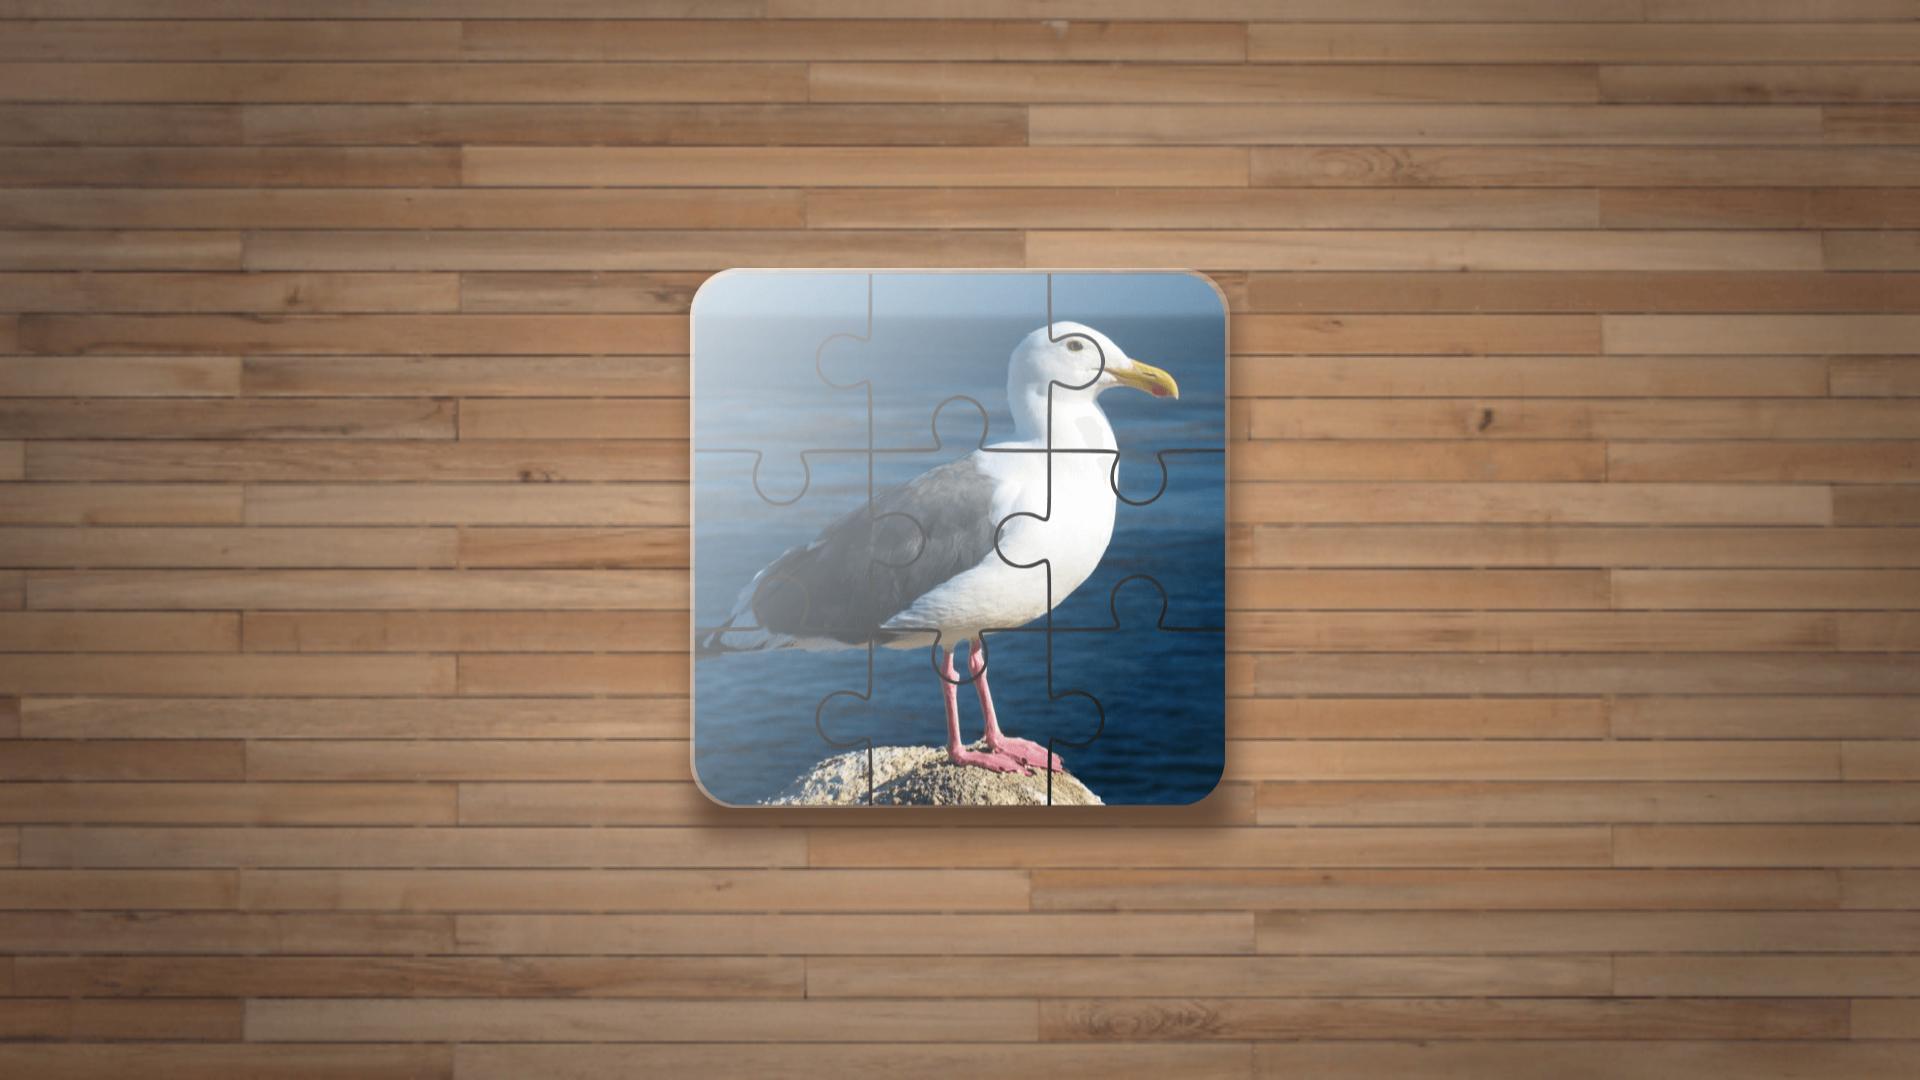 Jeux De Puzzle Oiseaux Gratuit Pour Android - Téléchargez L'apk dedans Images D Oiseaux Gratuites